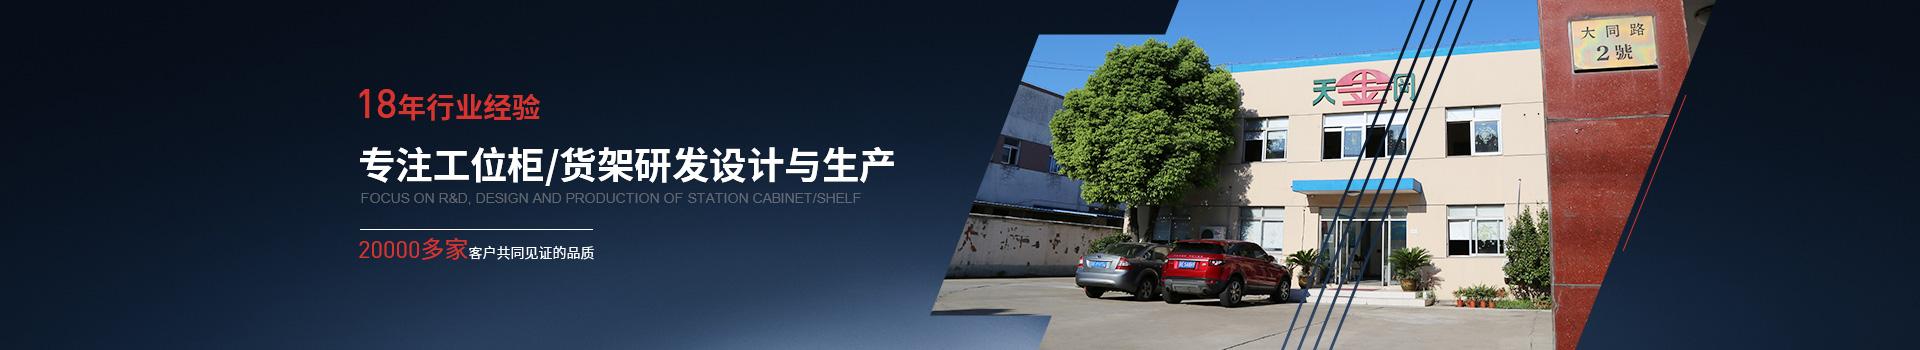 天金冈18年专注工位柜/货架研发设计与生产